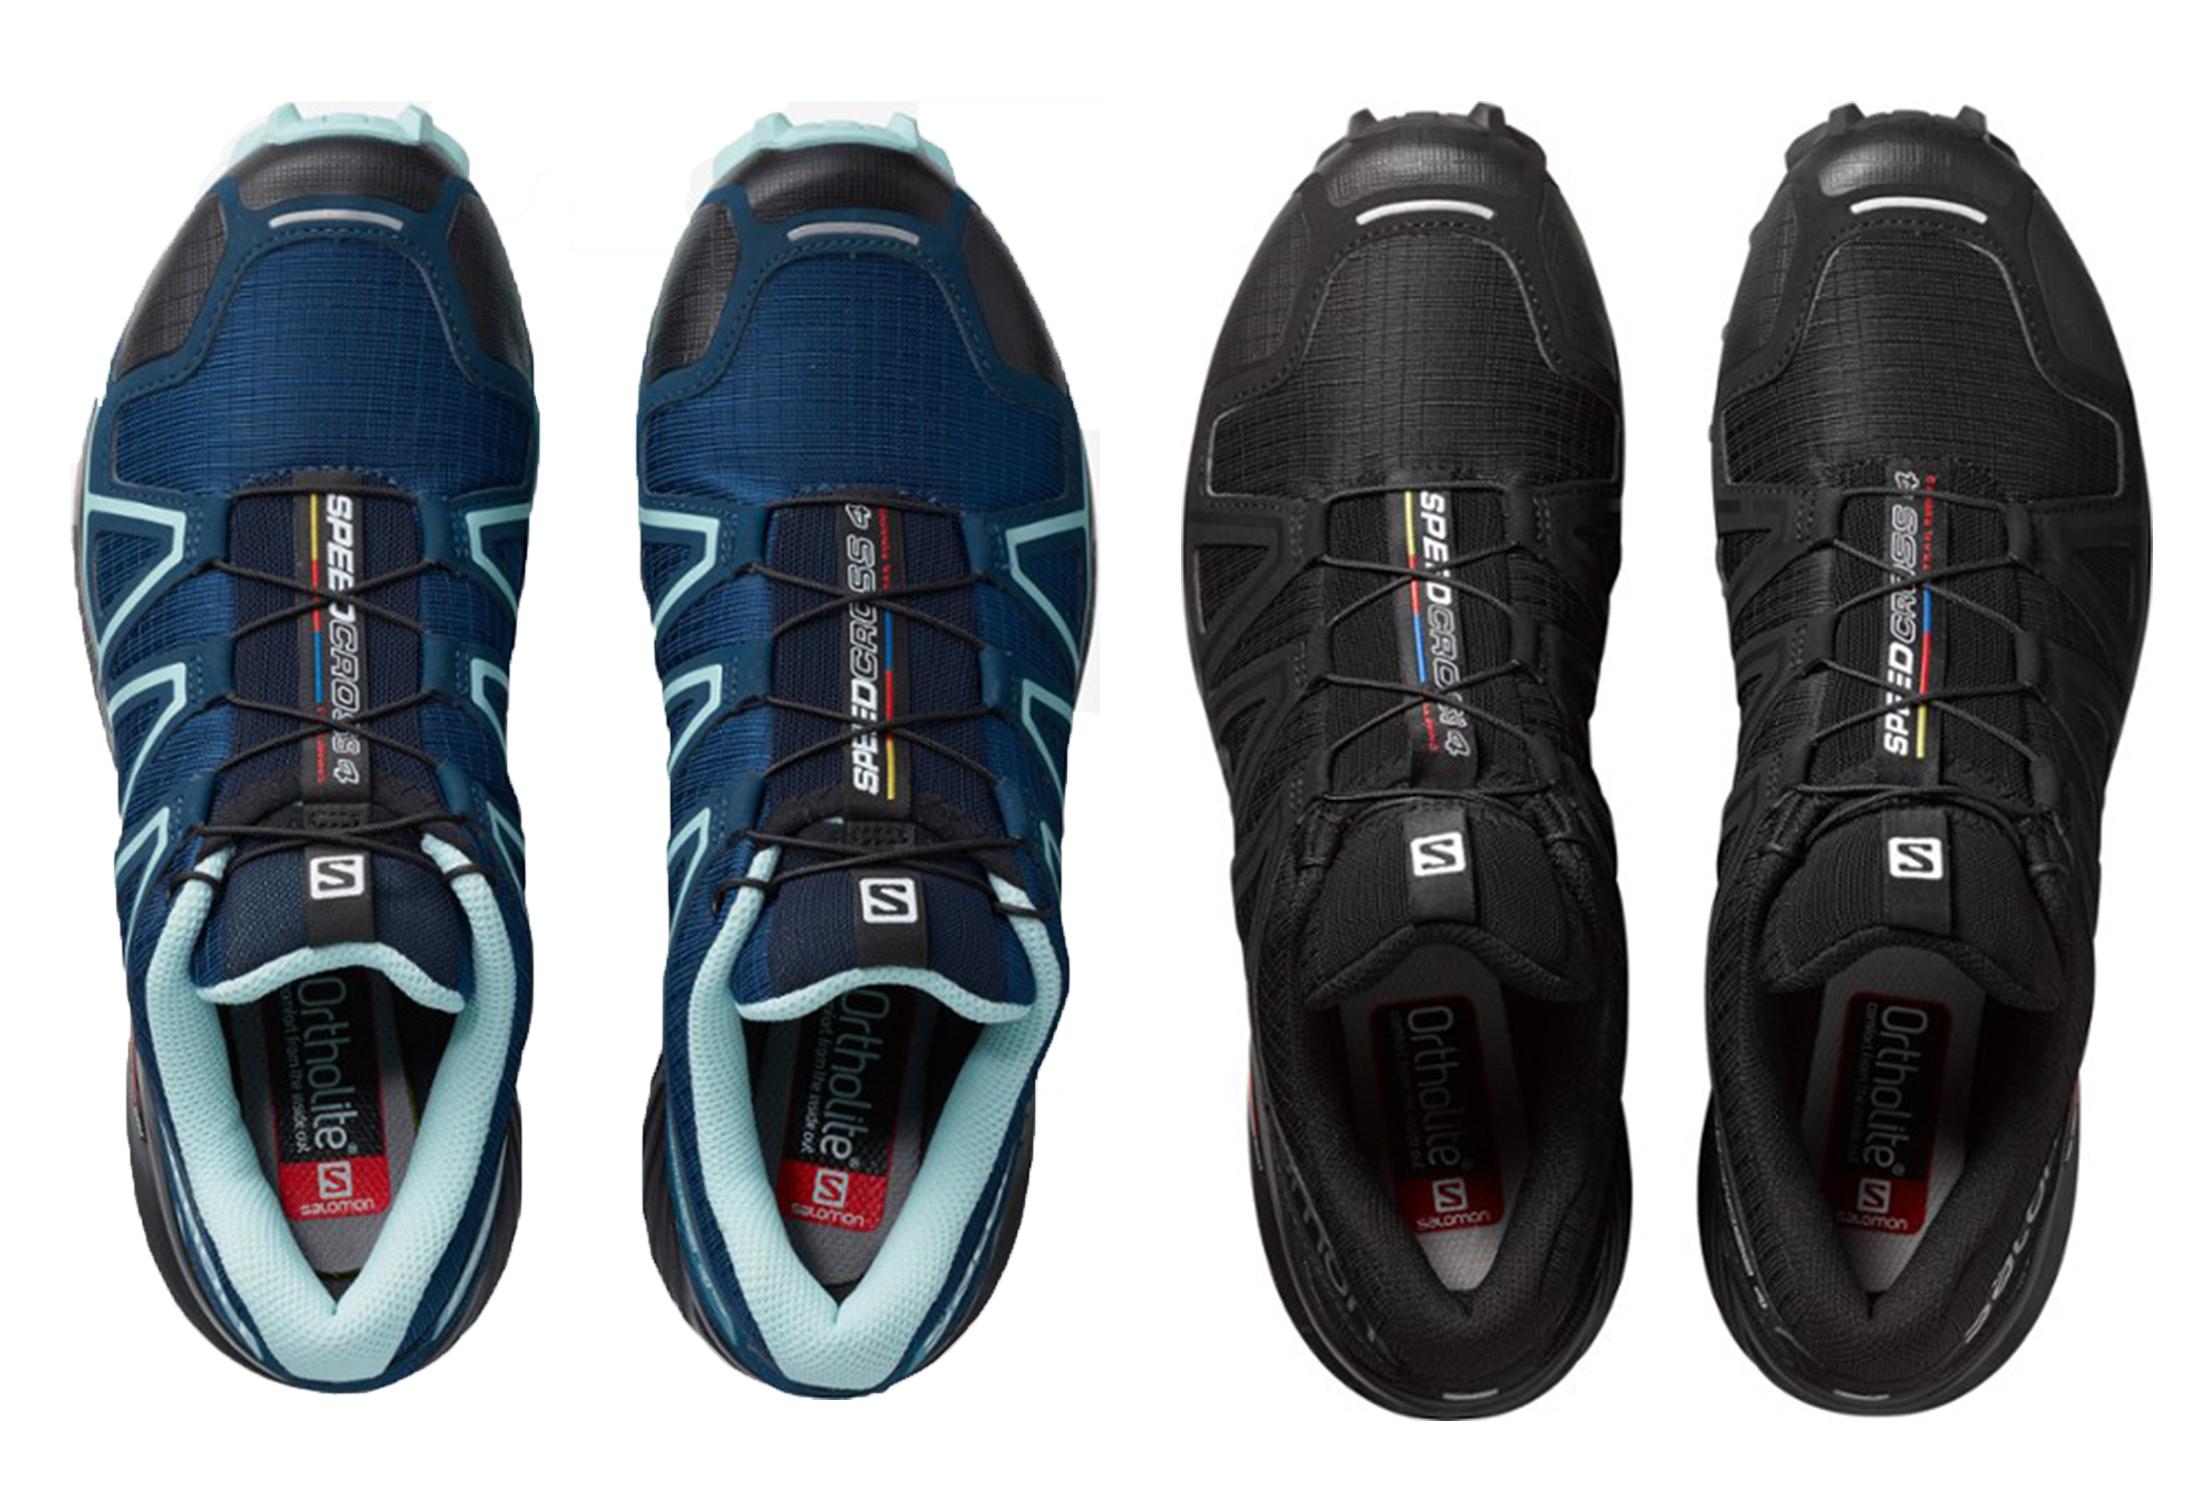 Salomon speedcross 4 shoes